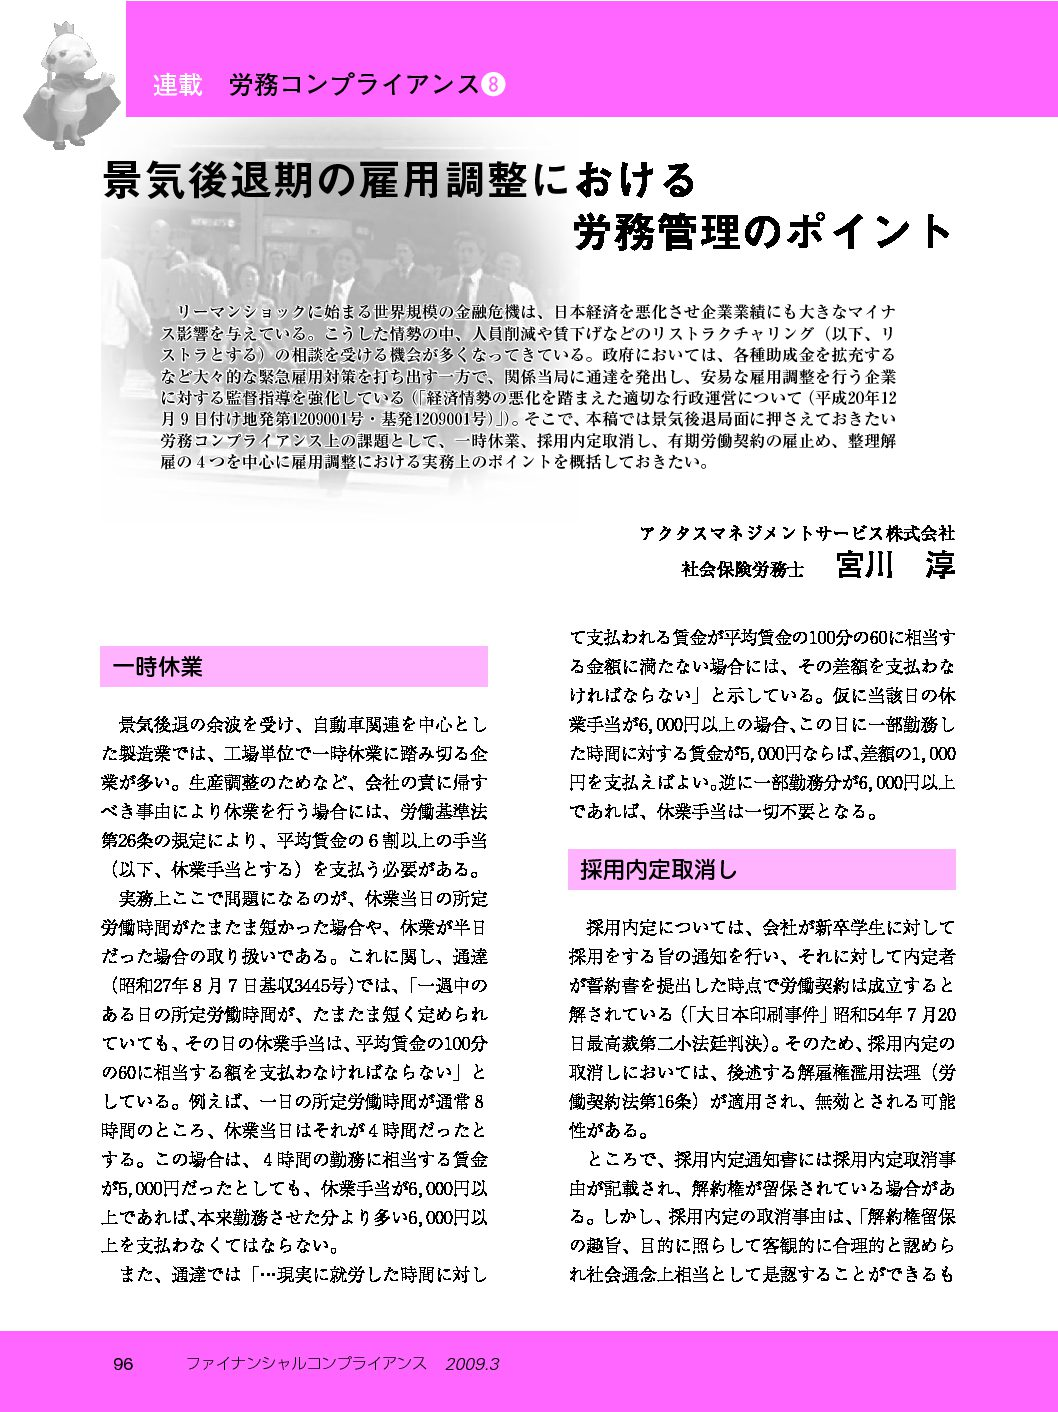 労務コンプライアンス(第8回) 景気後退期の雇用調整における労務管理のポイント